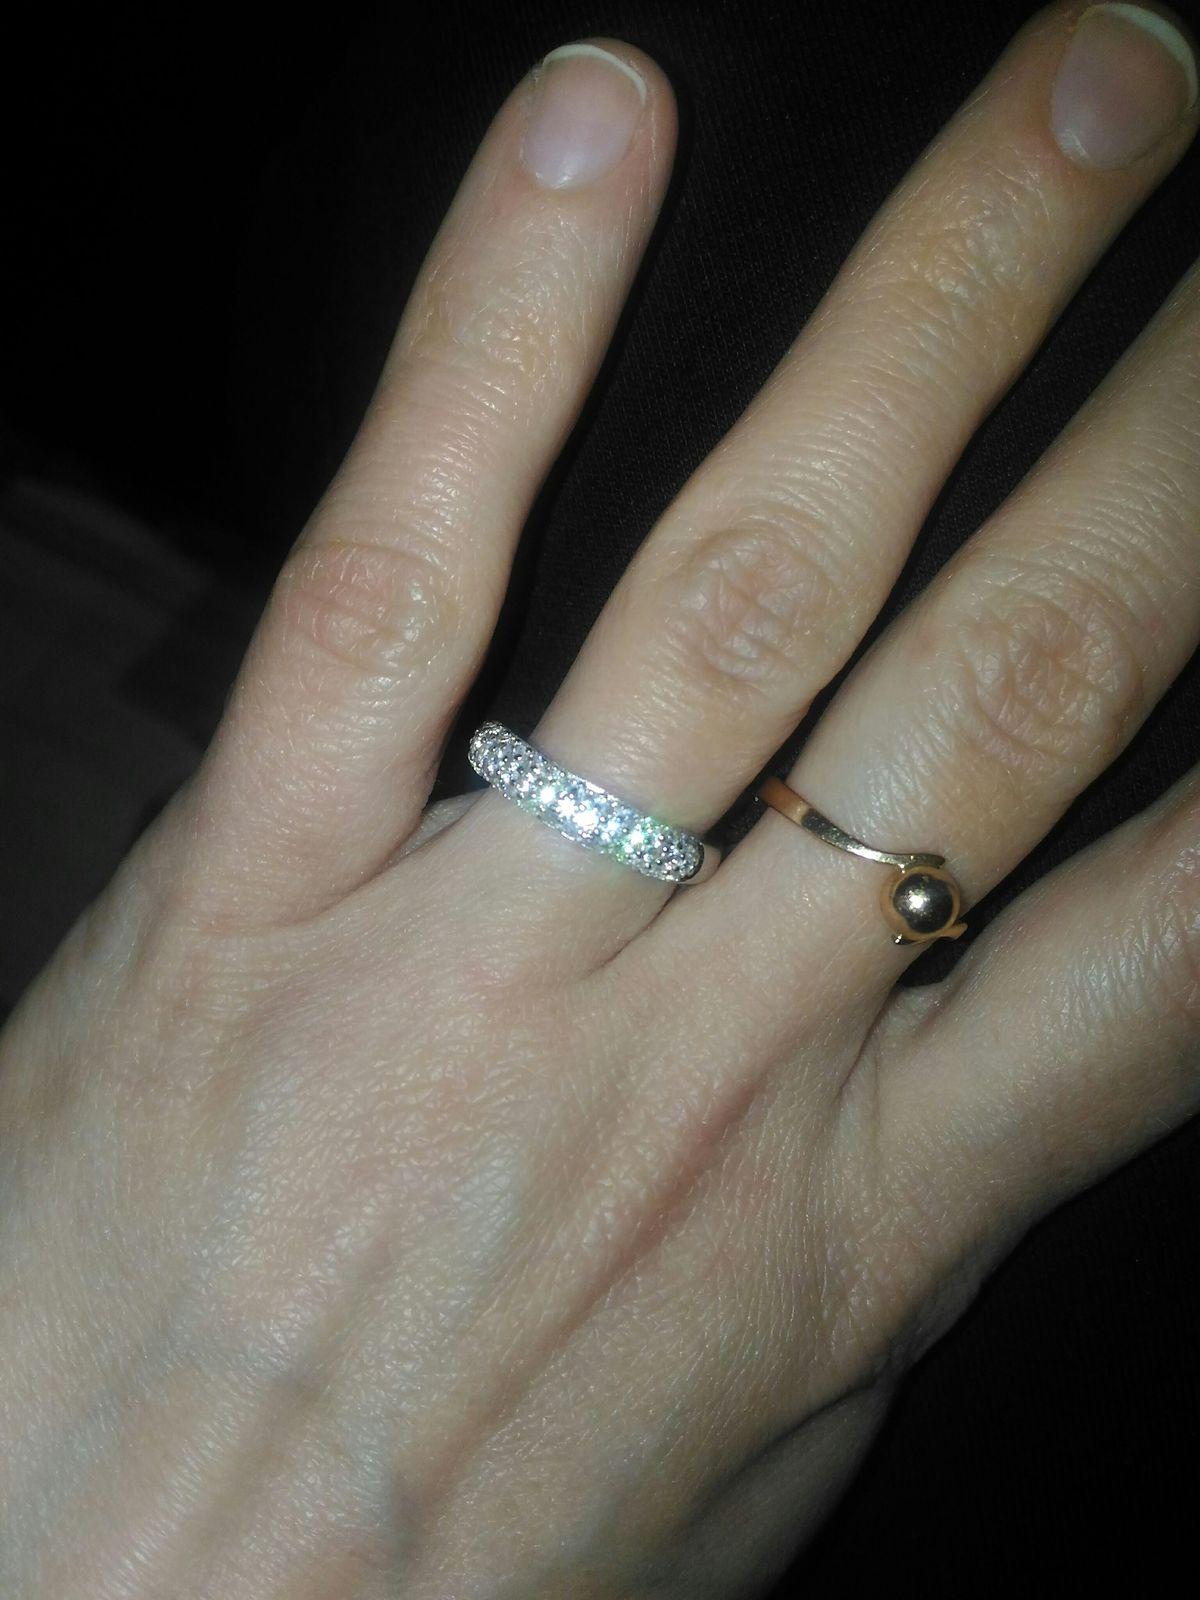 Шикарное кольцо! Гонялась за ним по всему городу!